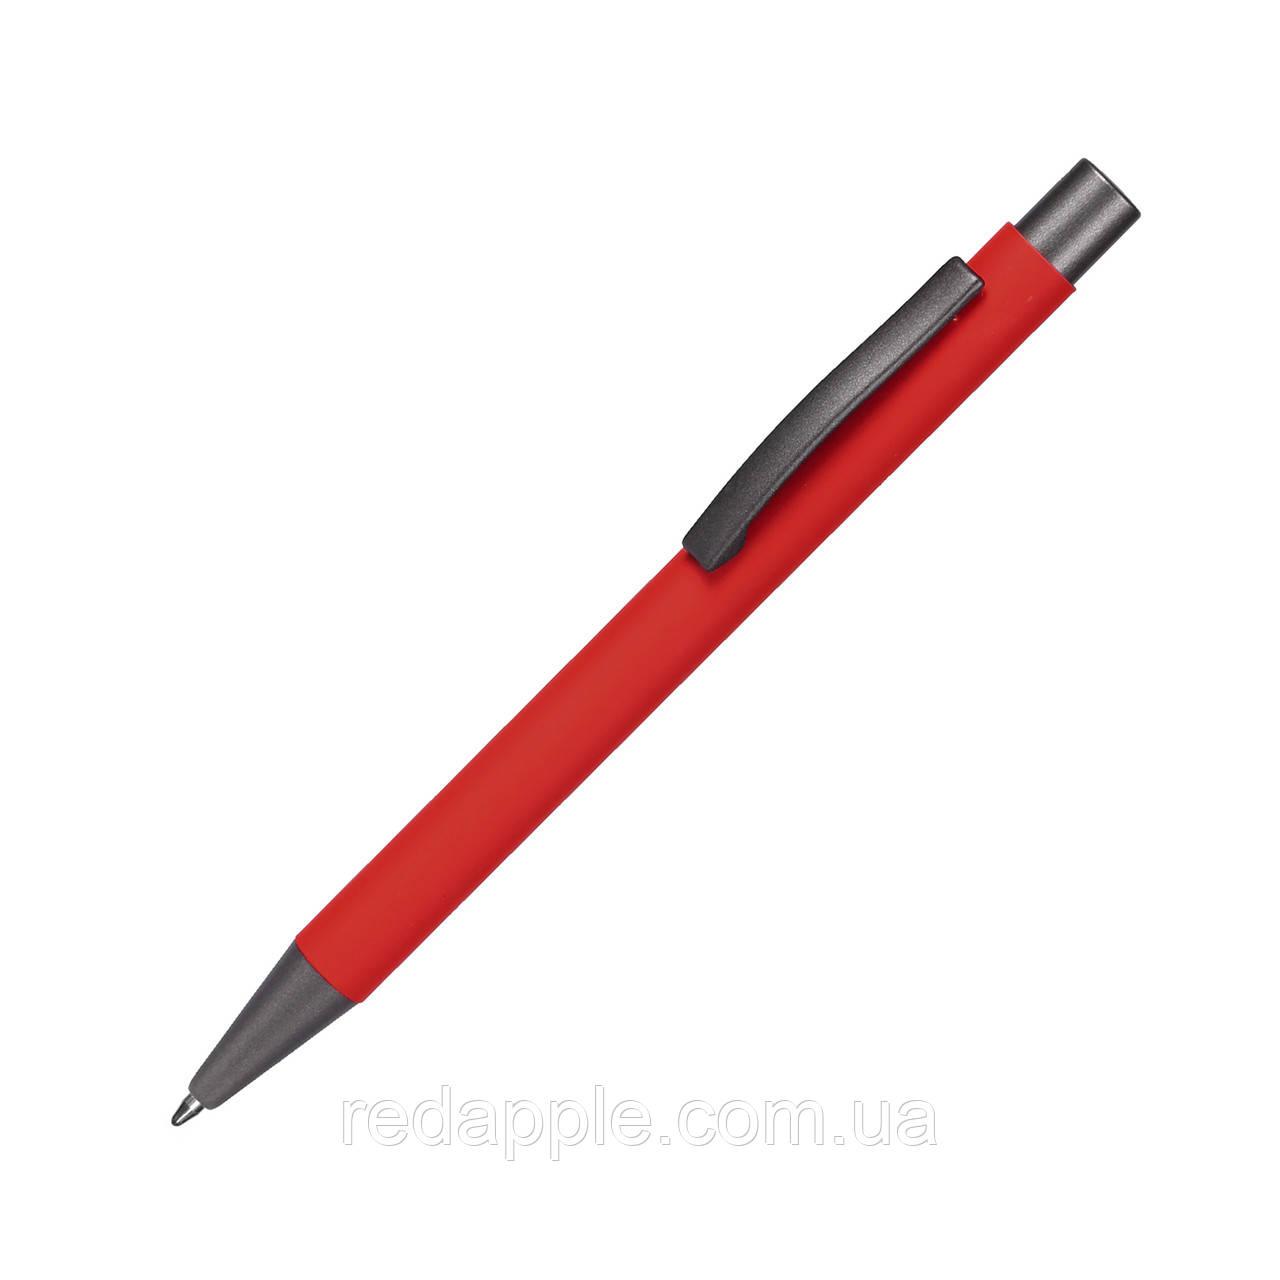 Ручка металева Monaco, TM Totobi